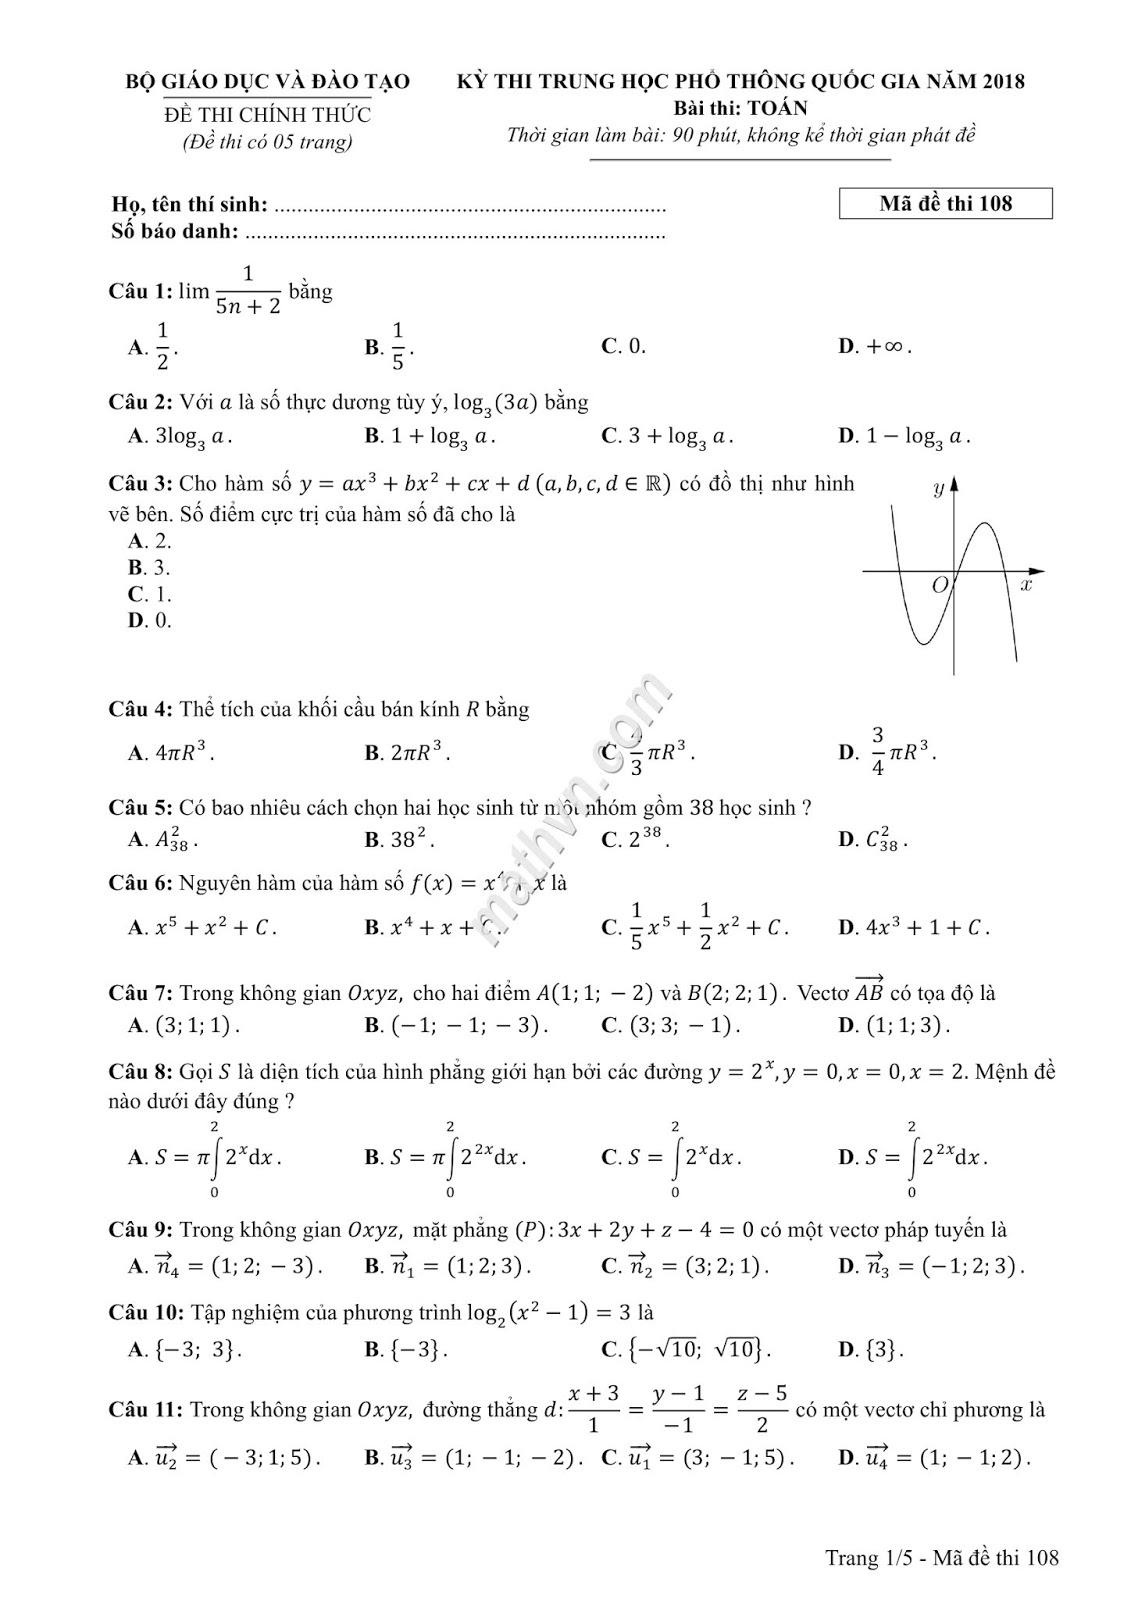 đề thi chính thức môn toán 2018 của Bộ Giáo dục 24 mã đề